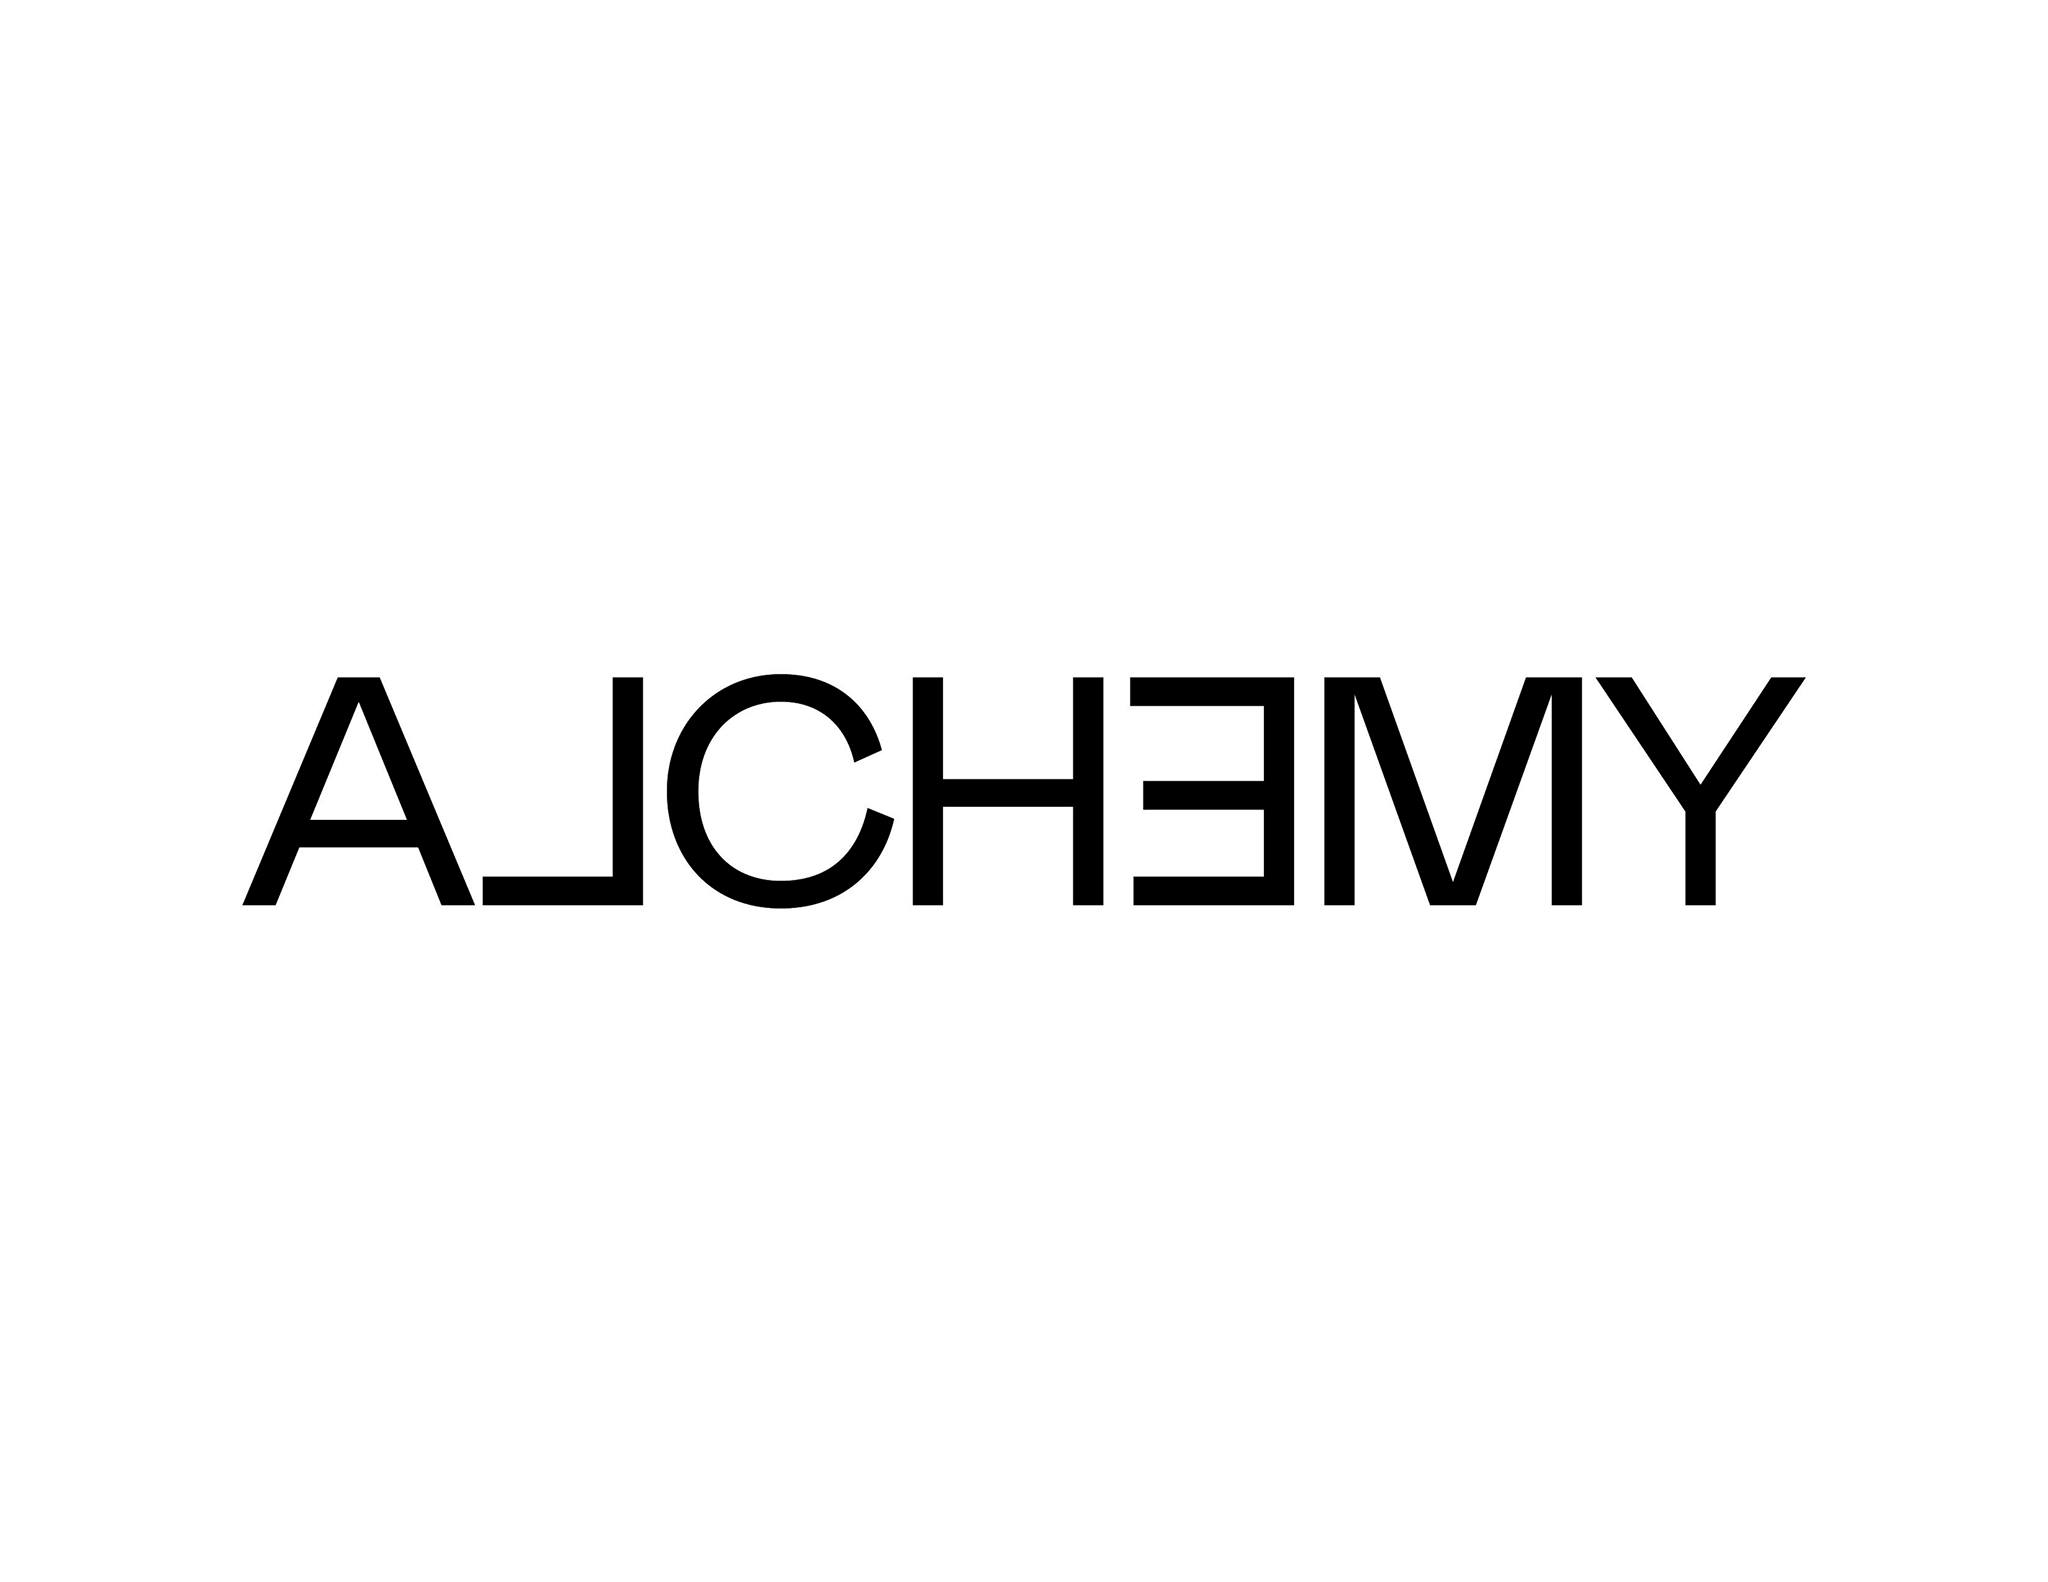 Alchemy Canna Co.